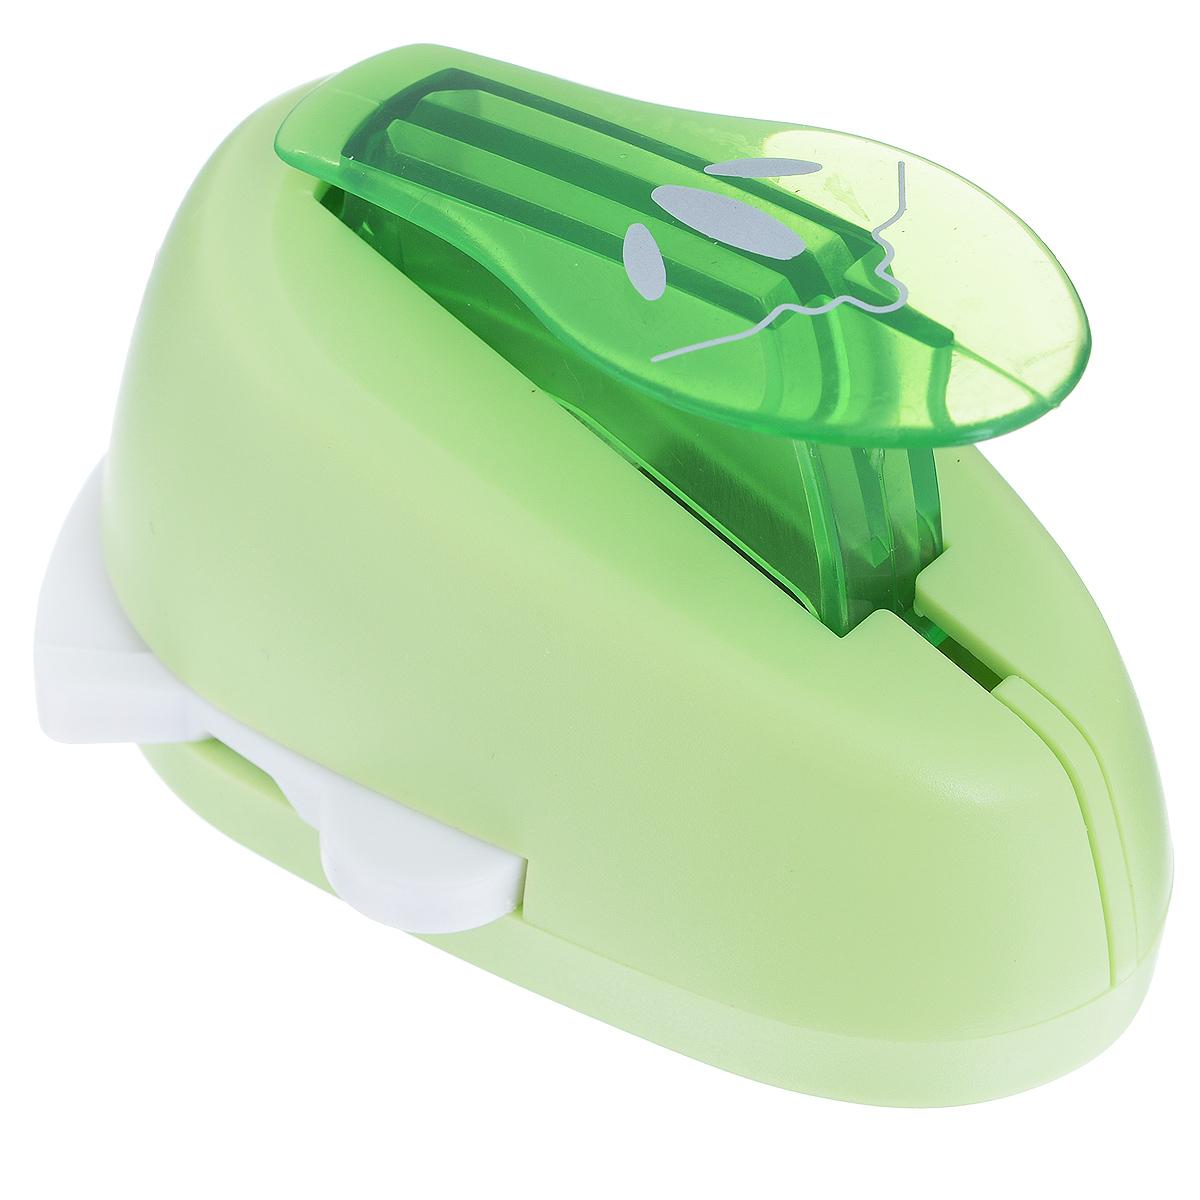 Дырокол фигурный Астра Трилистник, угловой. CD-99MA7709609_23Дырокол Астра Трилистник поможет вам легко, просто и аккуратно вырезать много одинаковых мелких фигурок. Режущие части компостера закрыты пластмассовым корпусом, что обеспечивает безопасность для детей. Вырезанные фигурки накапливаются в специальном резервуаре. Можно использовать вырезанные мотивы как конфетти или для наклеивания. Угловой дырокол подходит для разных техник: декупажа, скрапбукинга, декорирования. Размер дырокола: 8 см х 6 см х 5 см. Размер готовой фигурки: 2,5 см х 2 см.